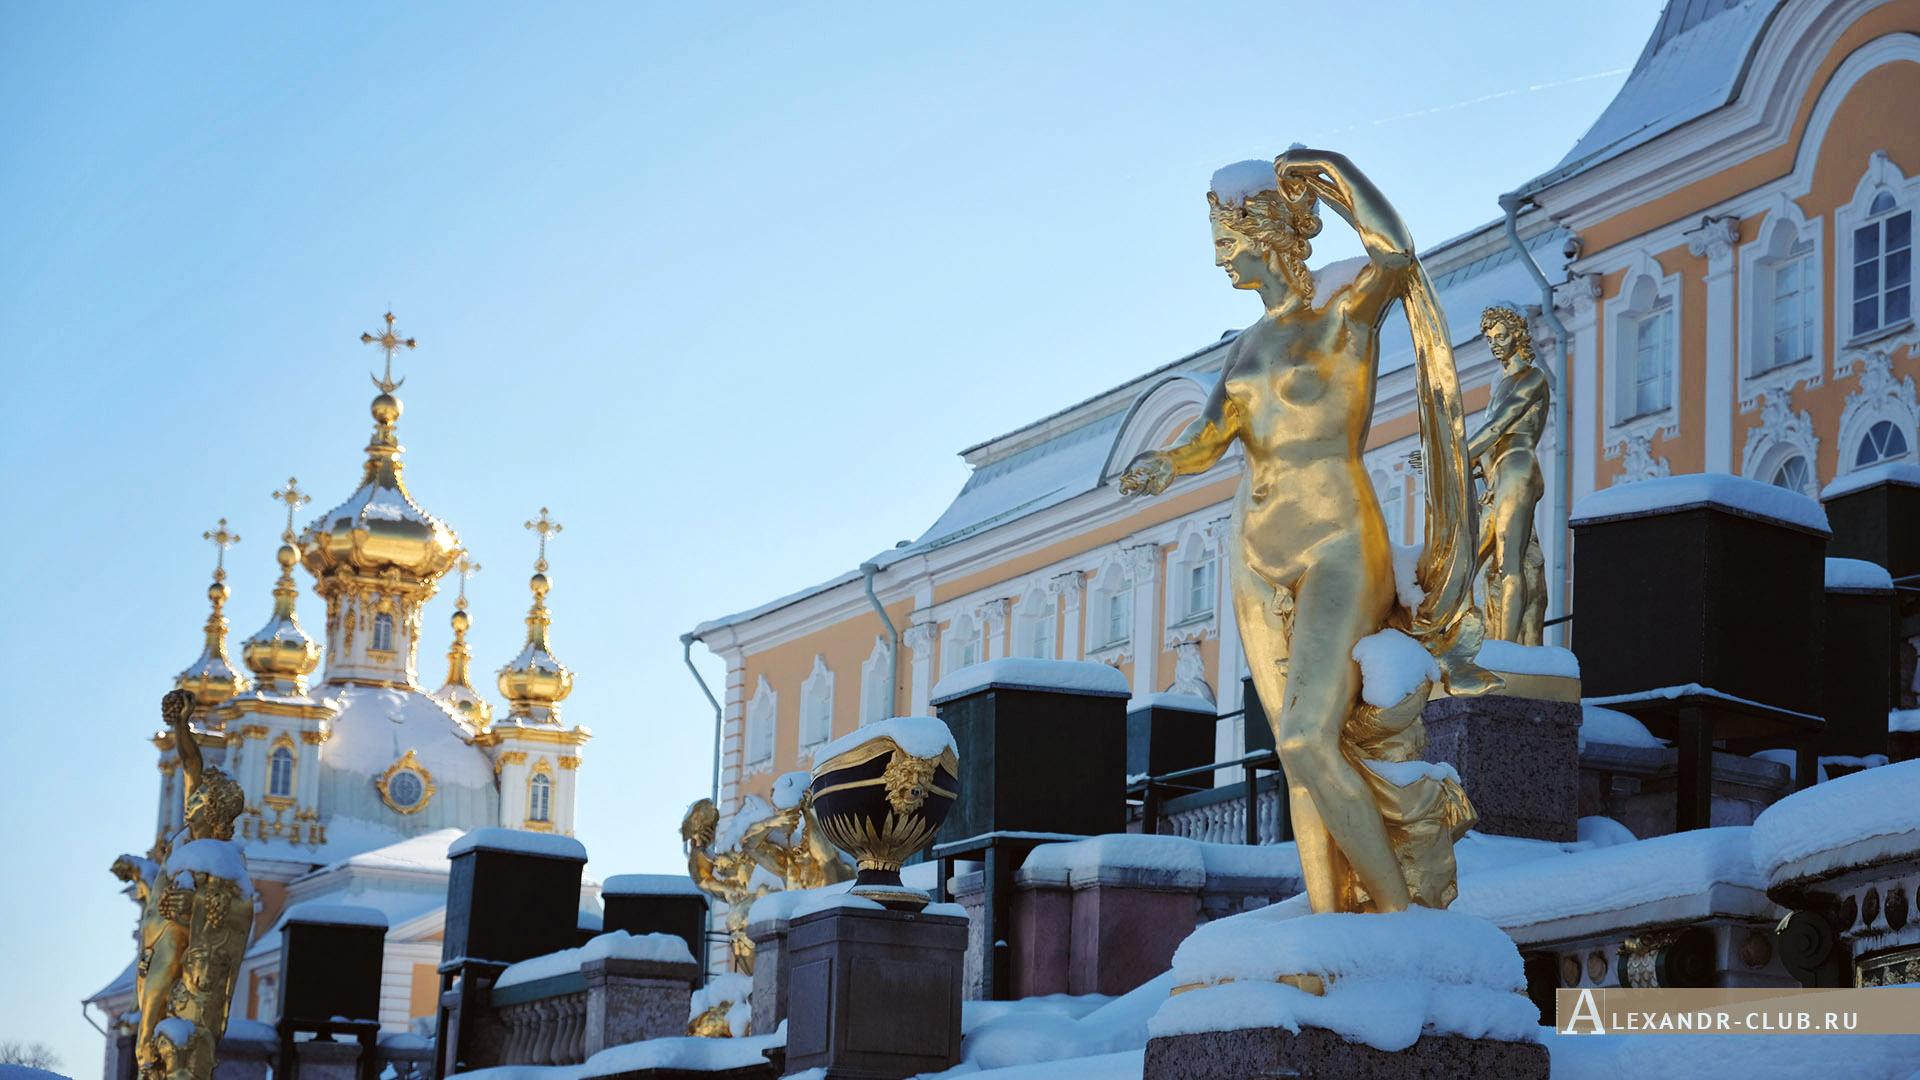 Петергоф, зима, Нижний парк, Большой каскад и Большой петергофский дворец – 3